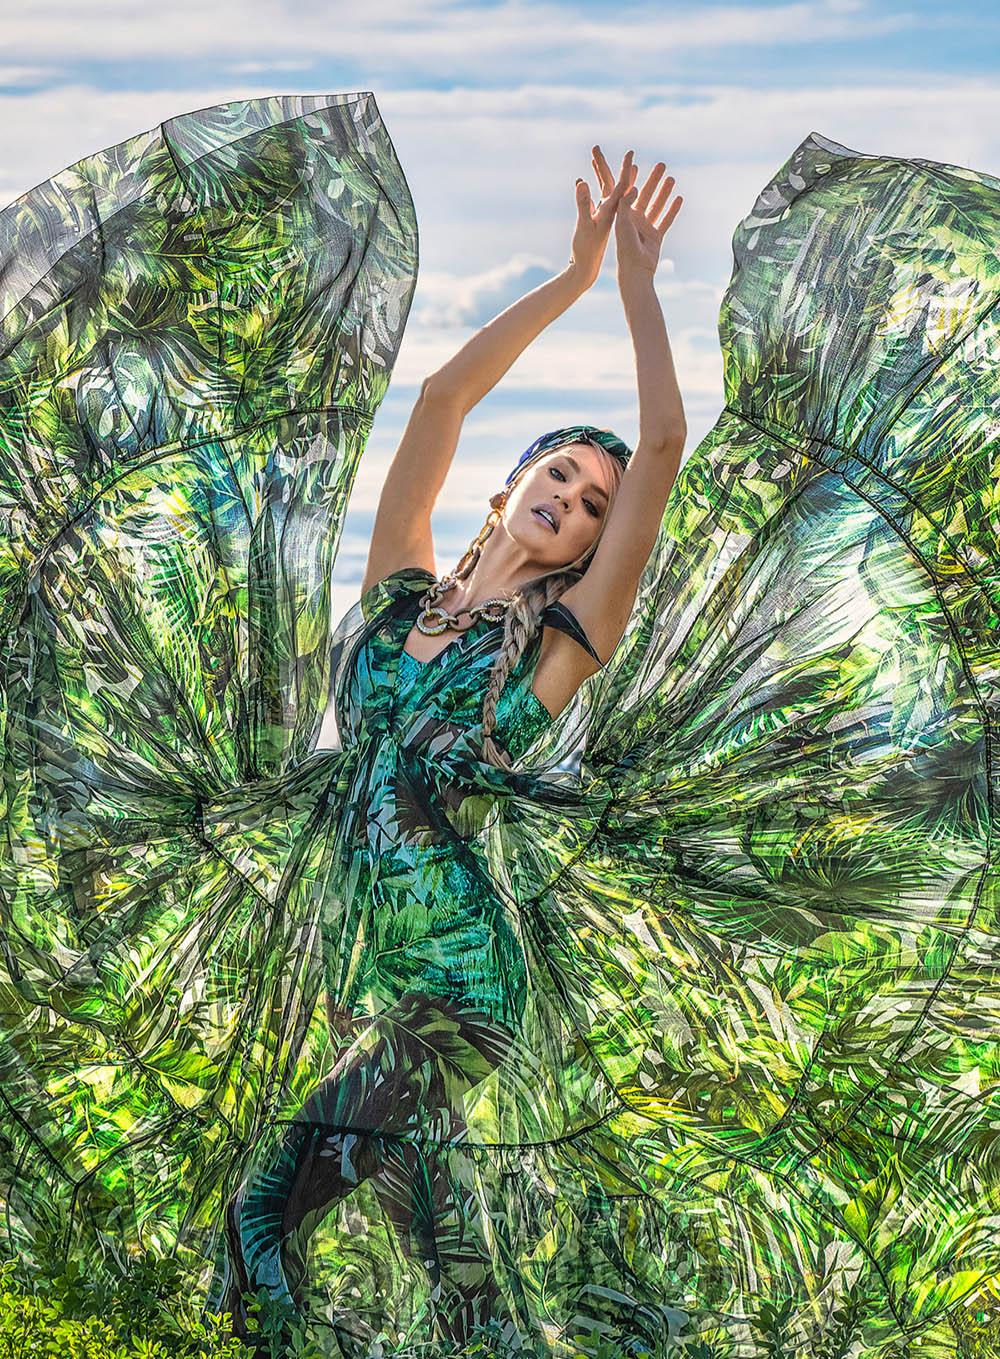 Candice Swanepoel by David Yarrow for Harper's Bazaar US May 2020